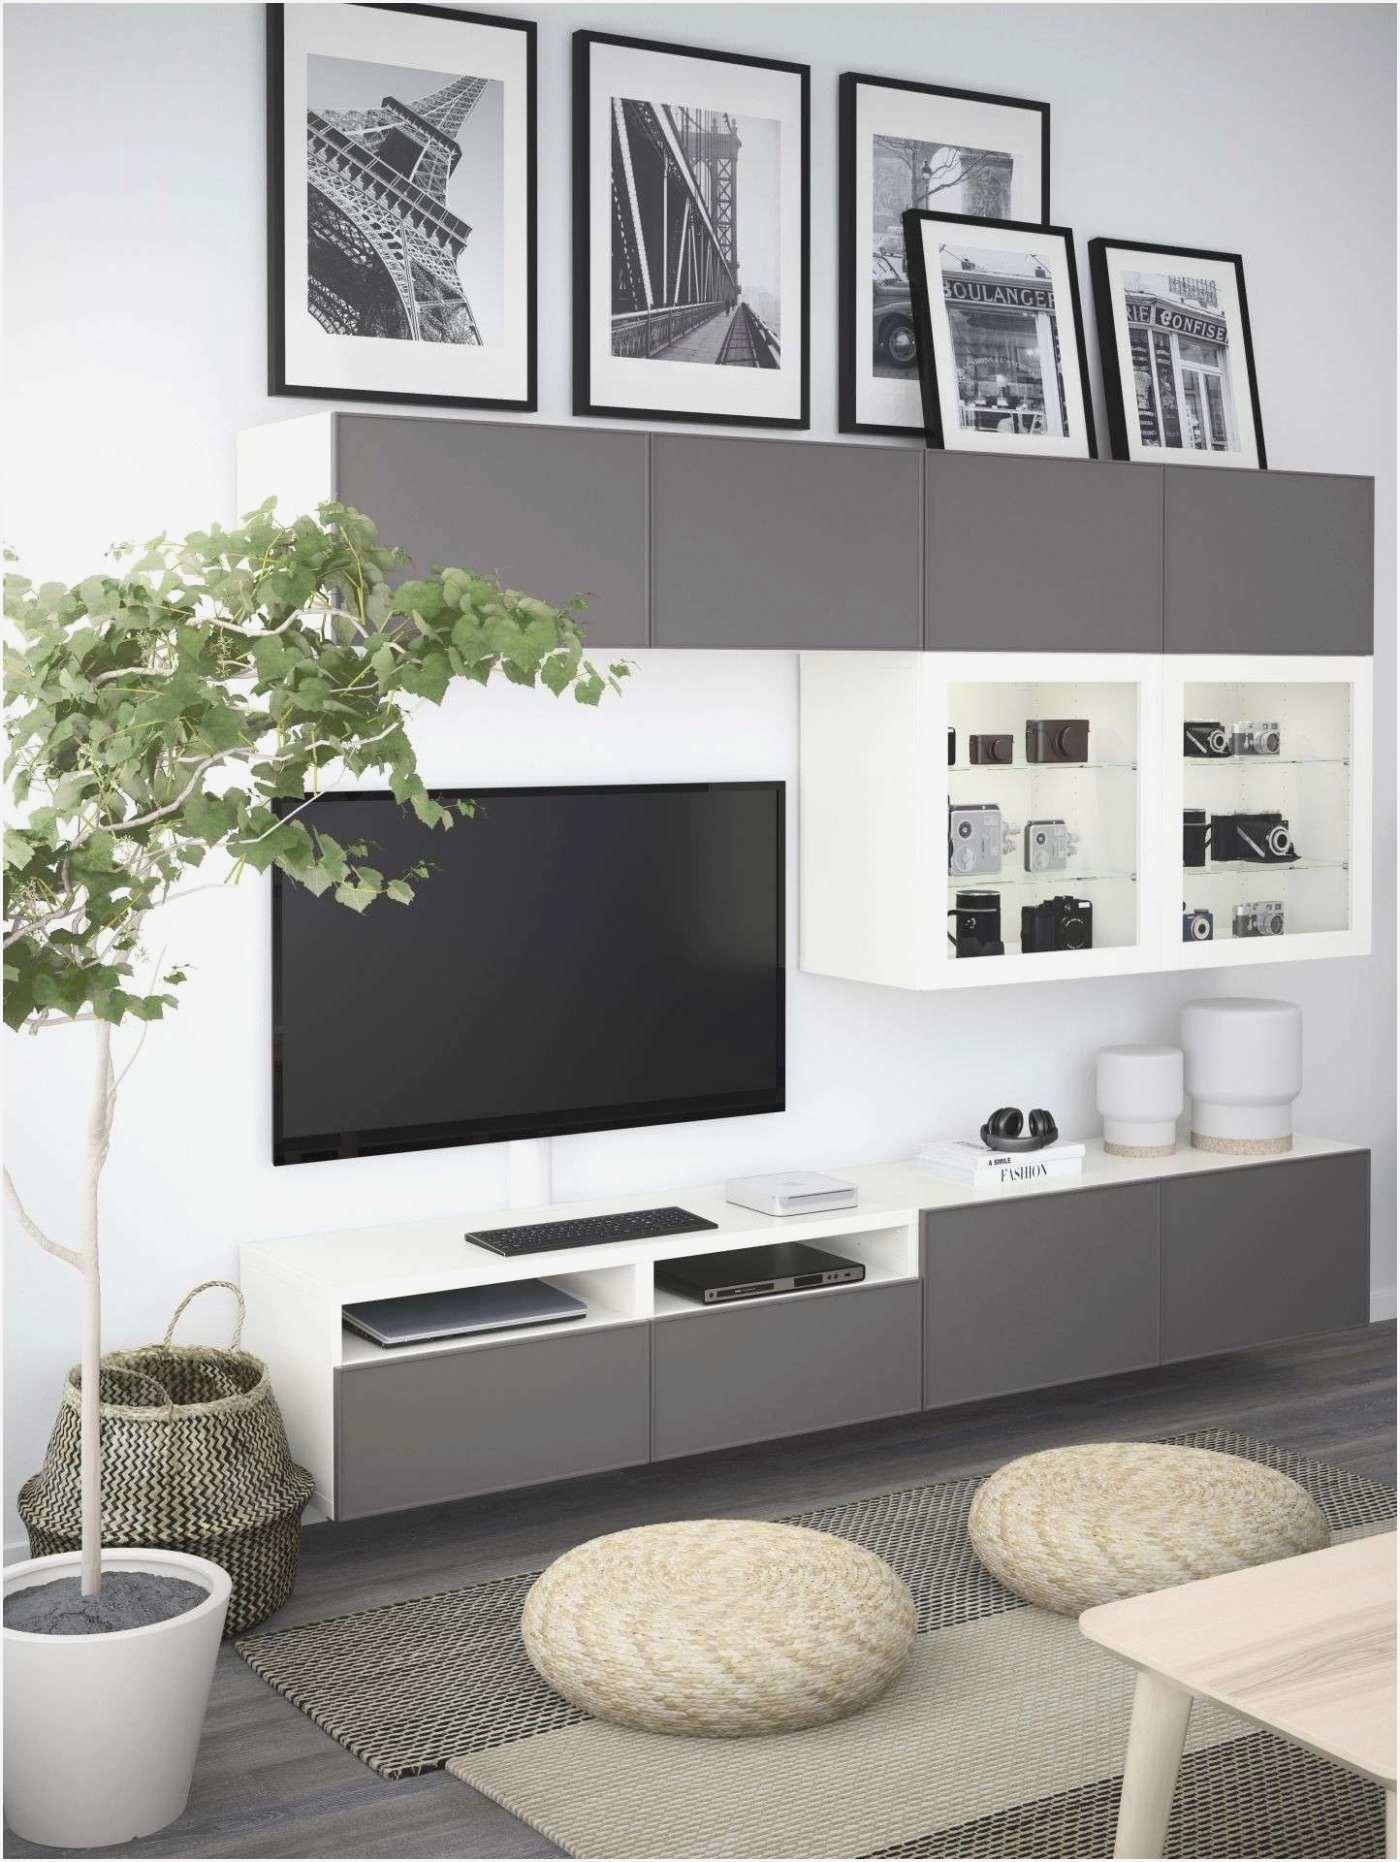 deko selber machen wohnzimmer